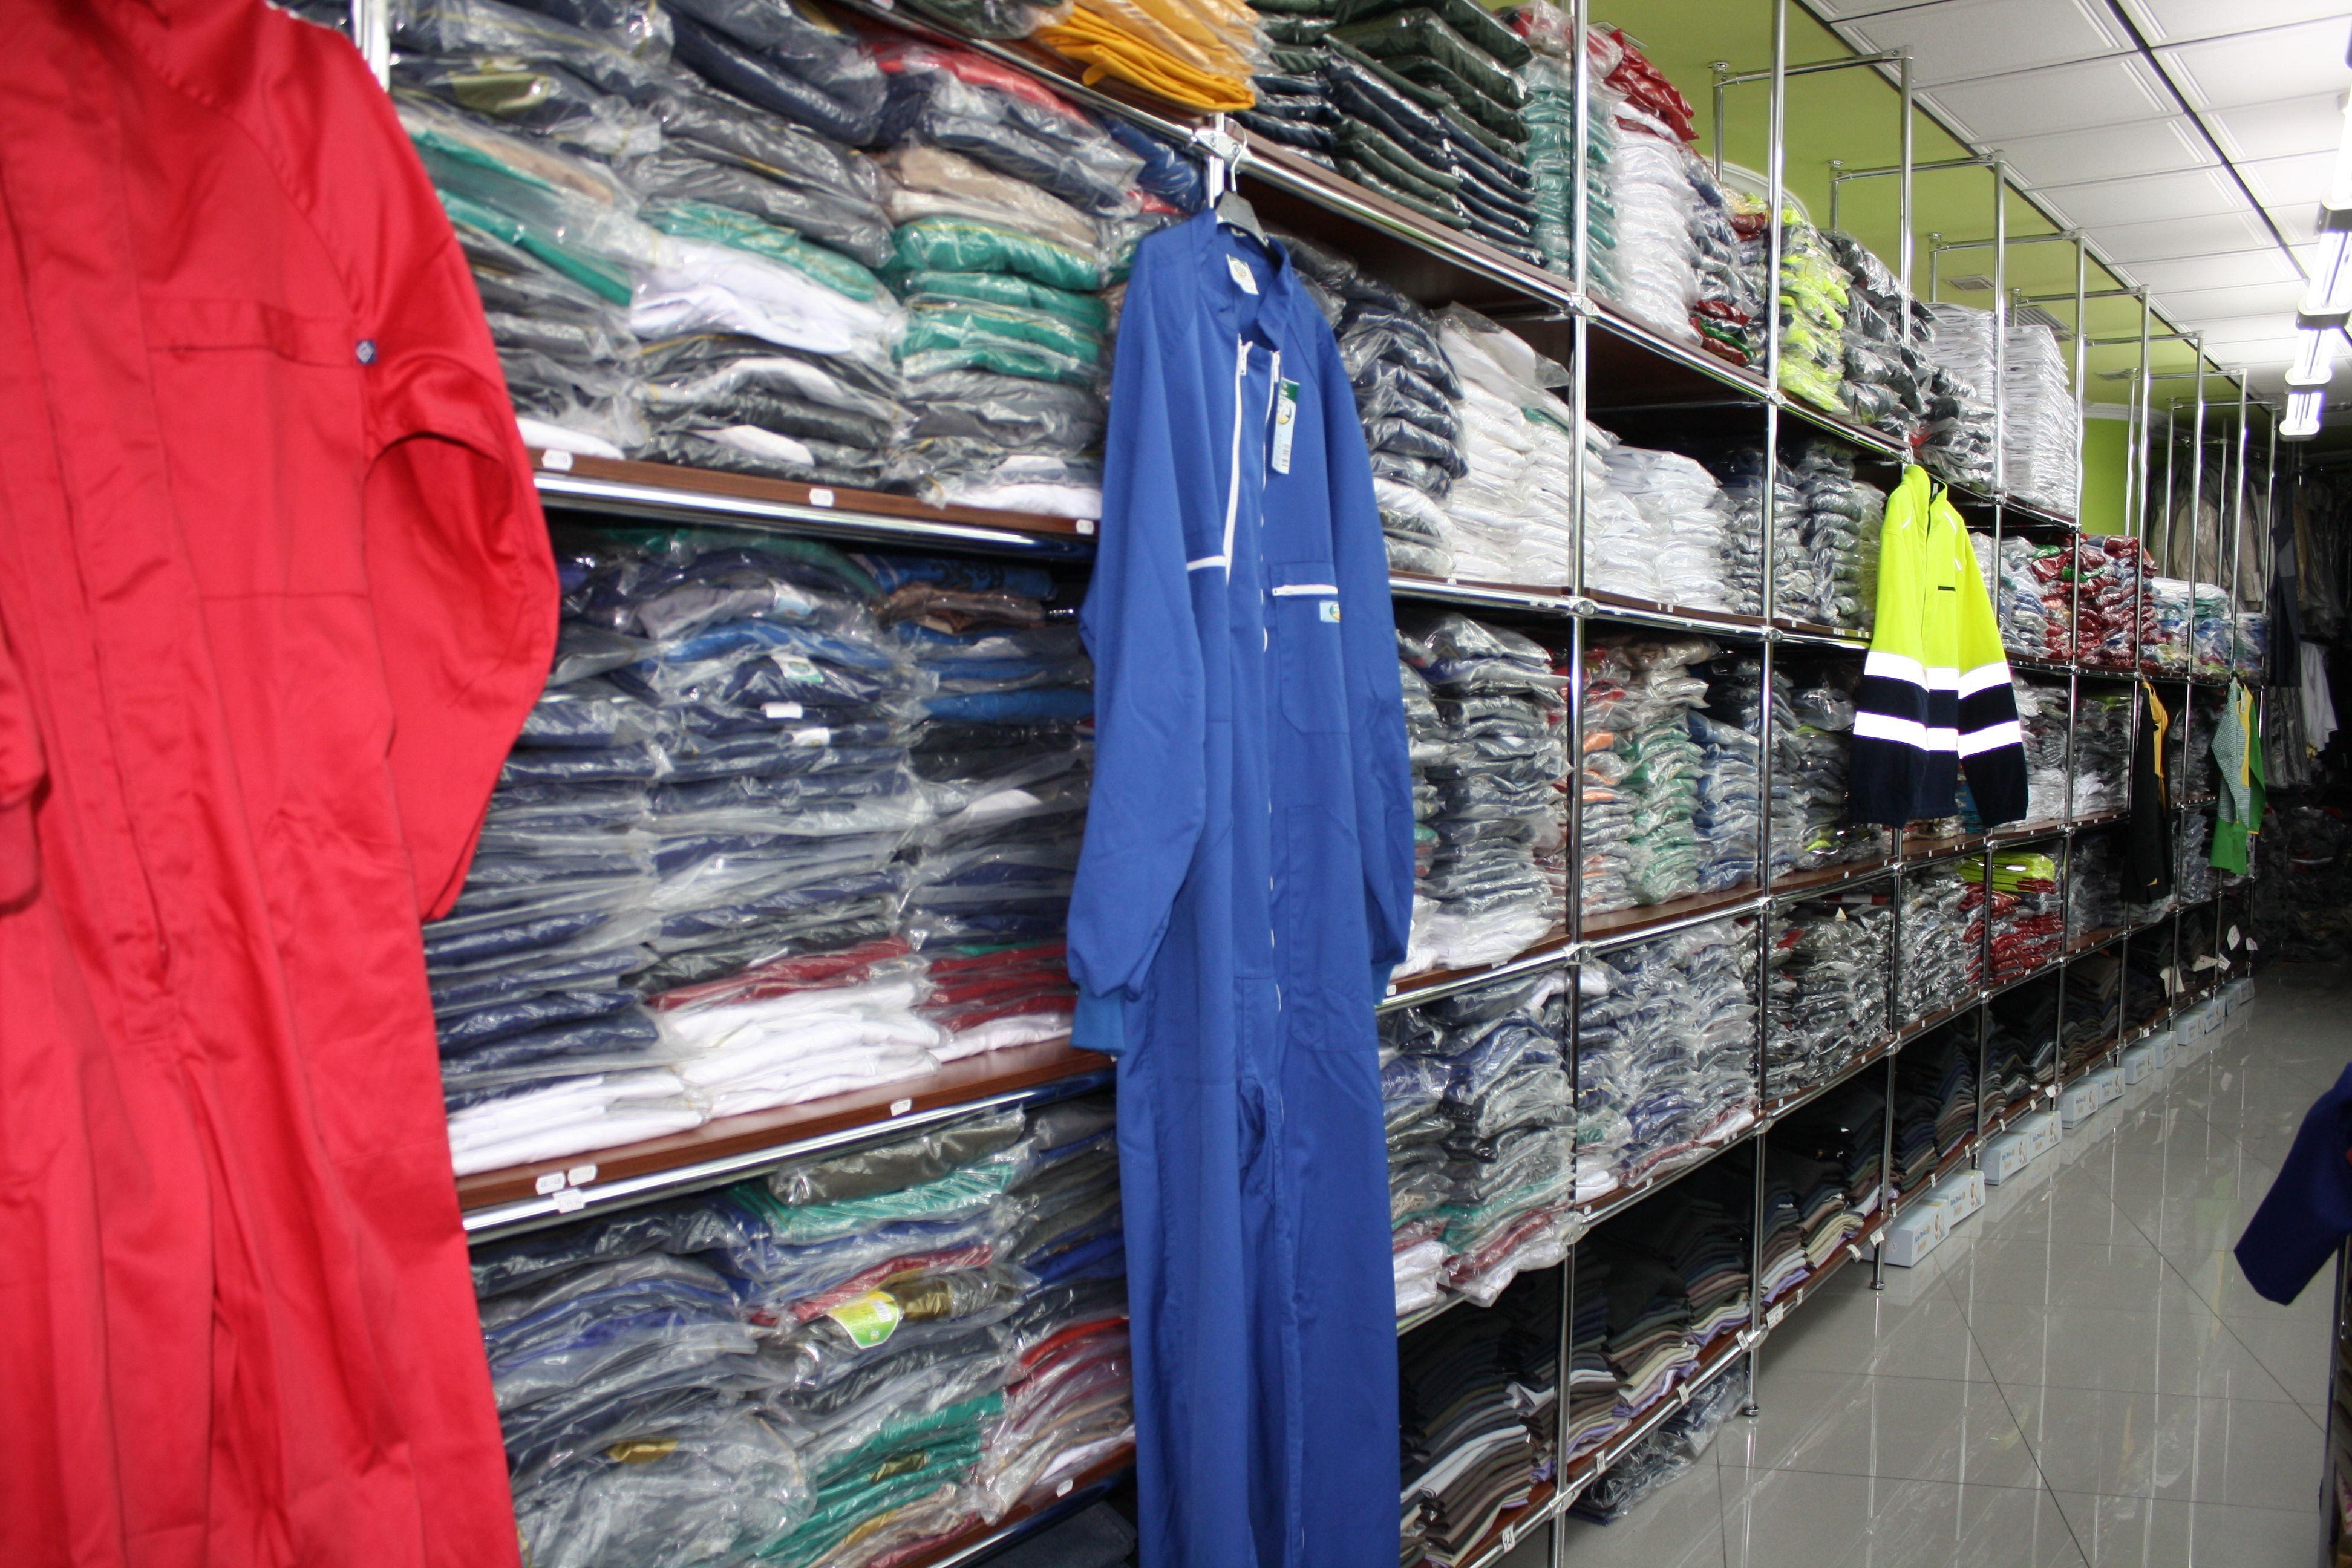 Foto 16 de Ropa de trabajo y Uniformes en Torrelavega | Confecciones C.R.A.S.-Confecciones Carpa